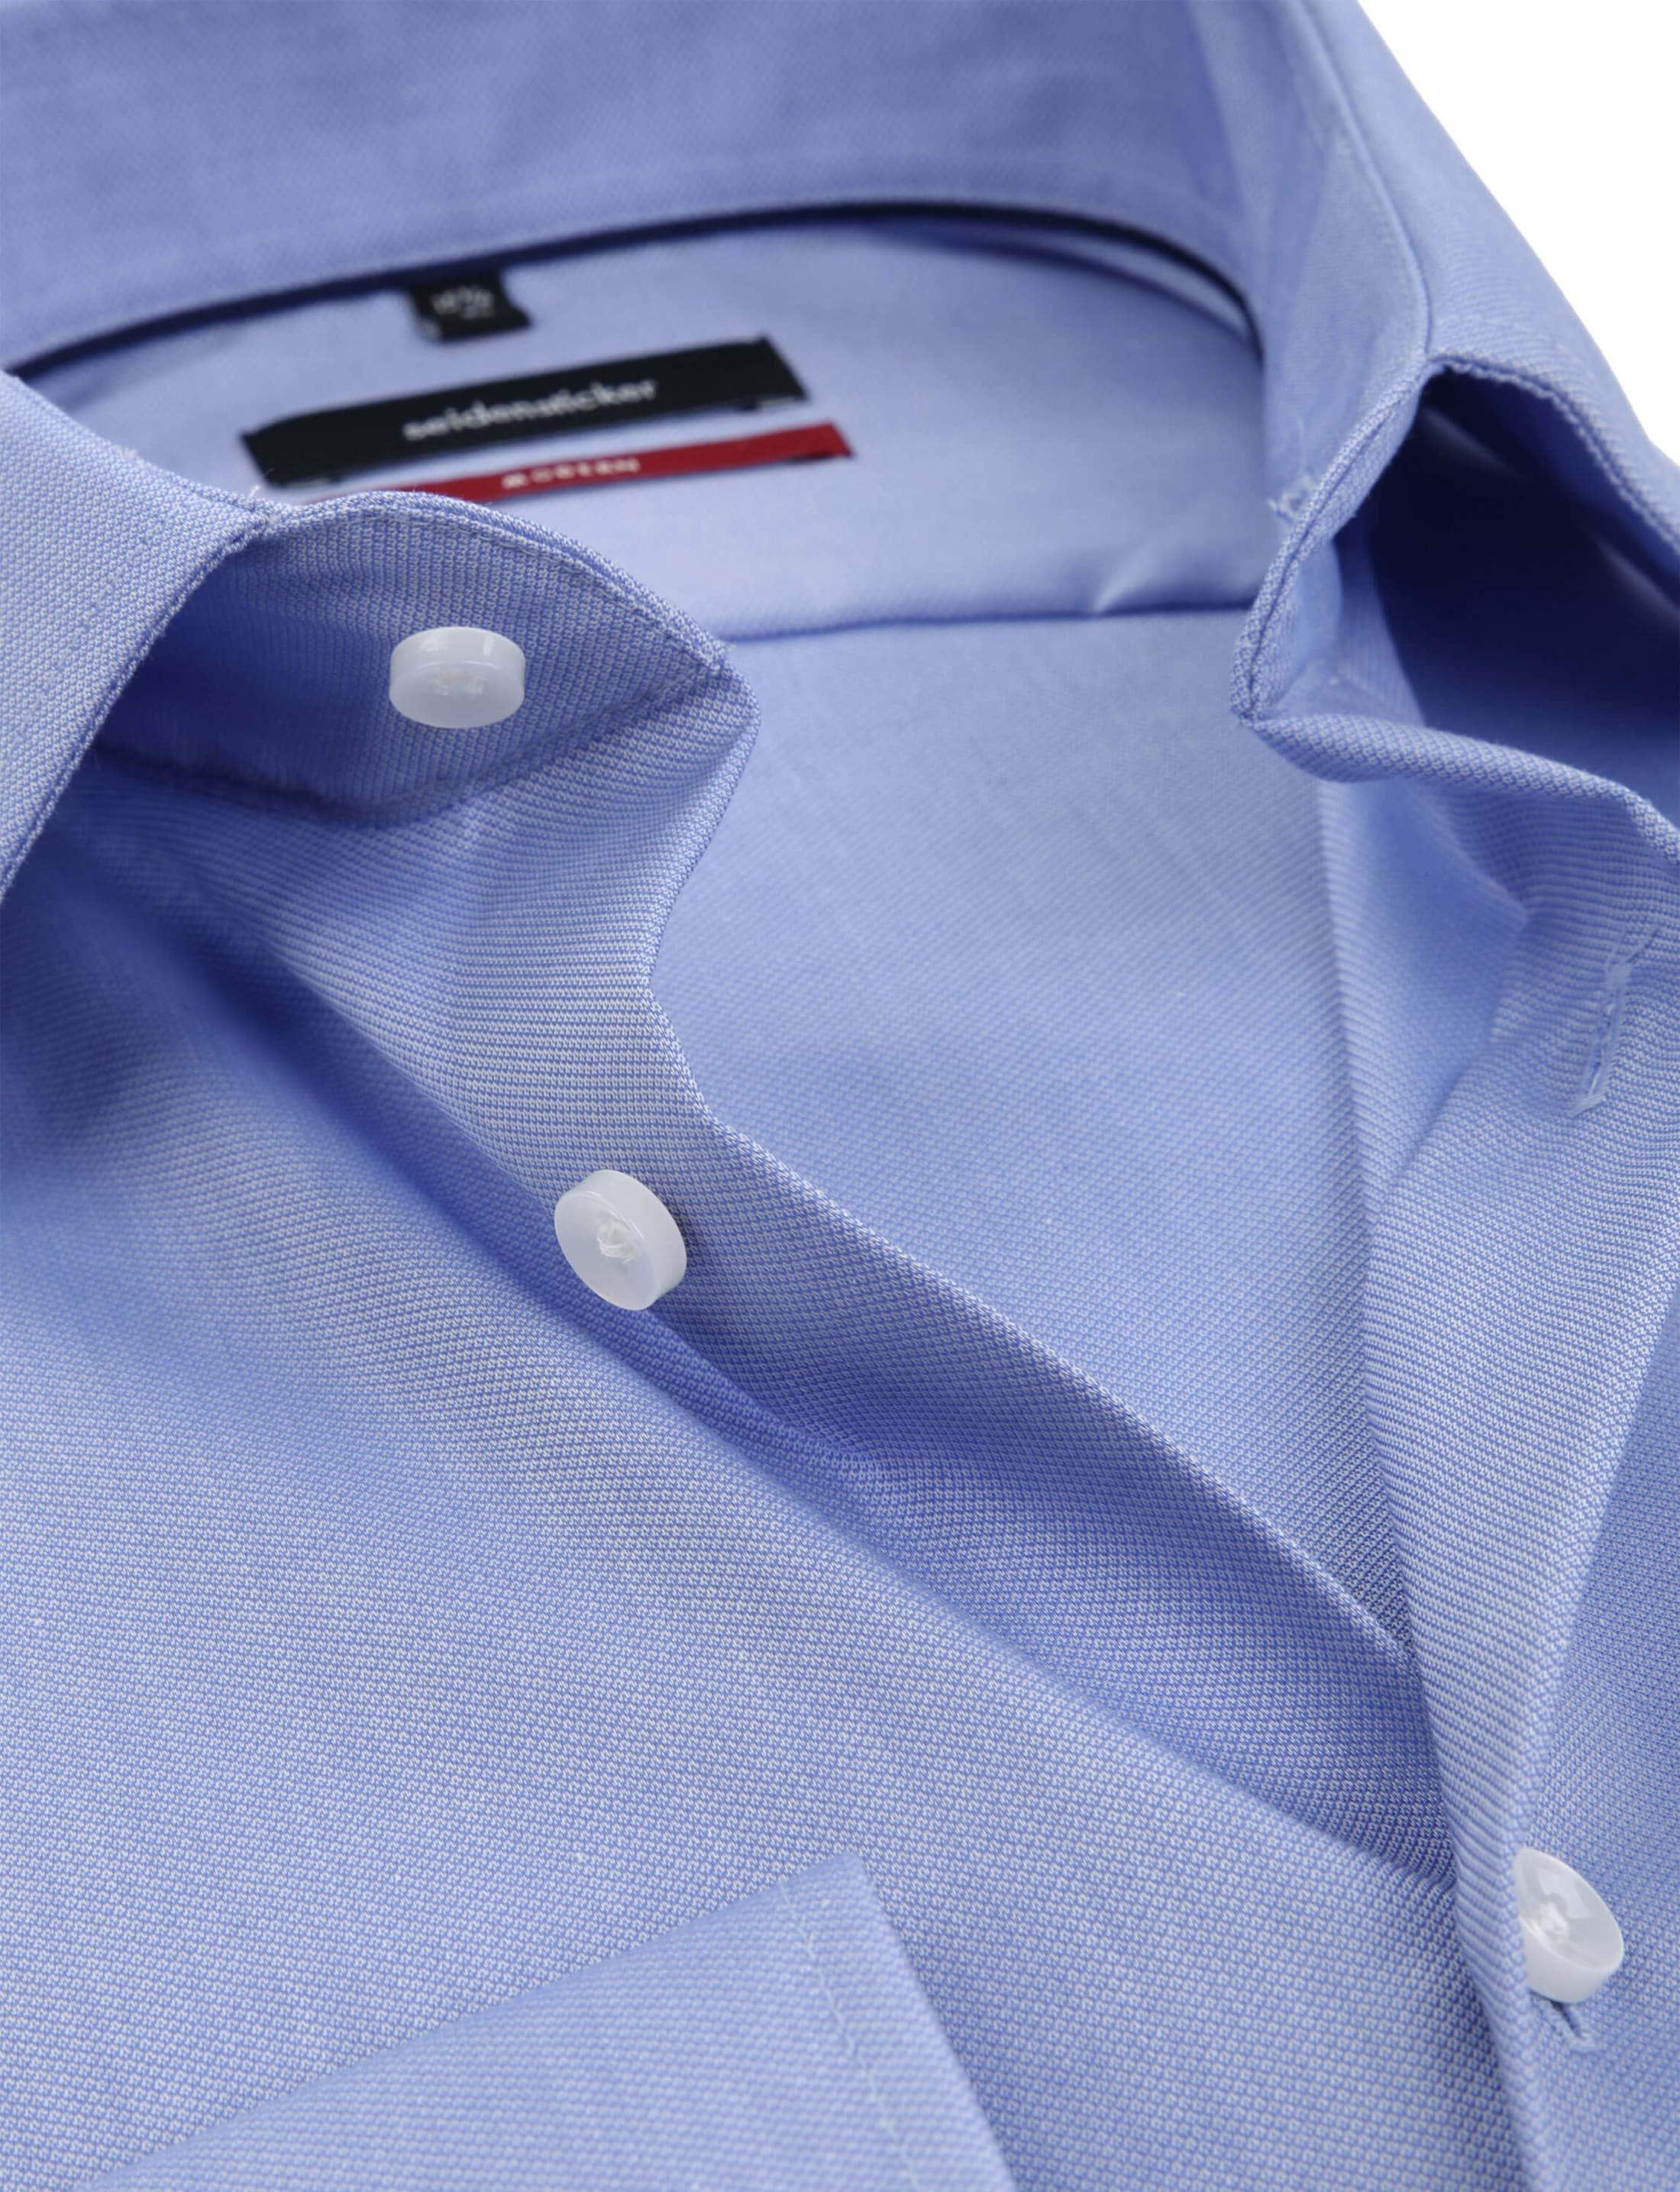 Seidensticker Overhemd MF Blauw foto 1